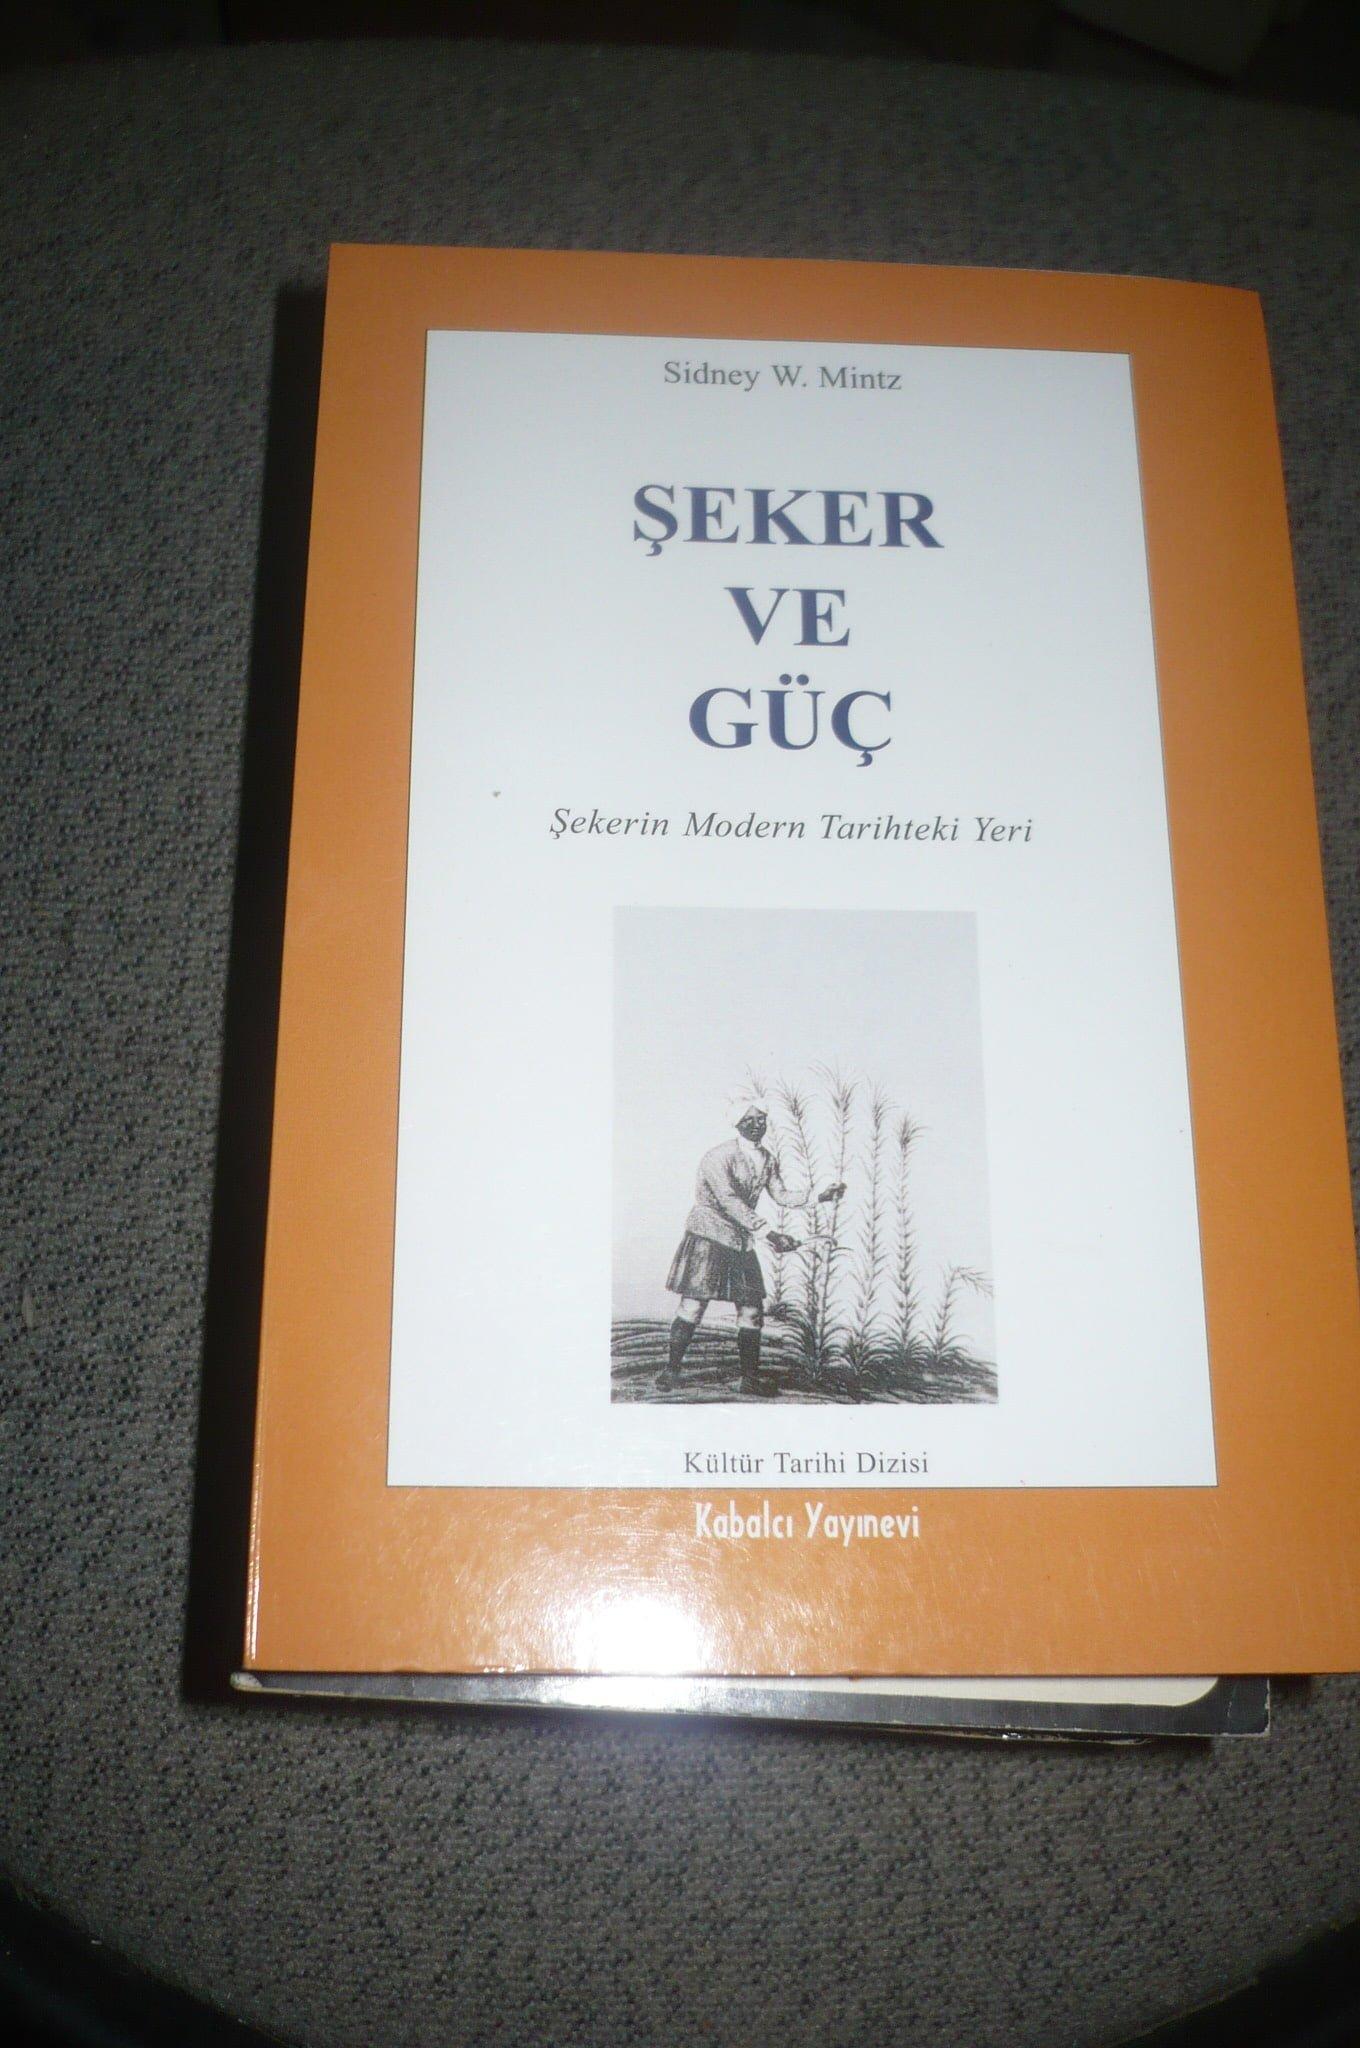 ŞEKER ve GÜÇ-Şekerin modern tarihteki yeri-/Sıdney W.Mintz/ 15 TL